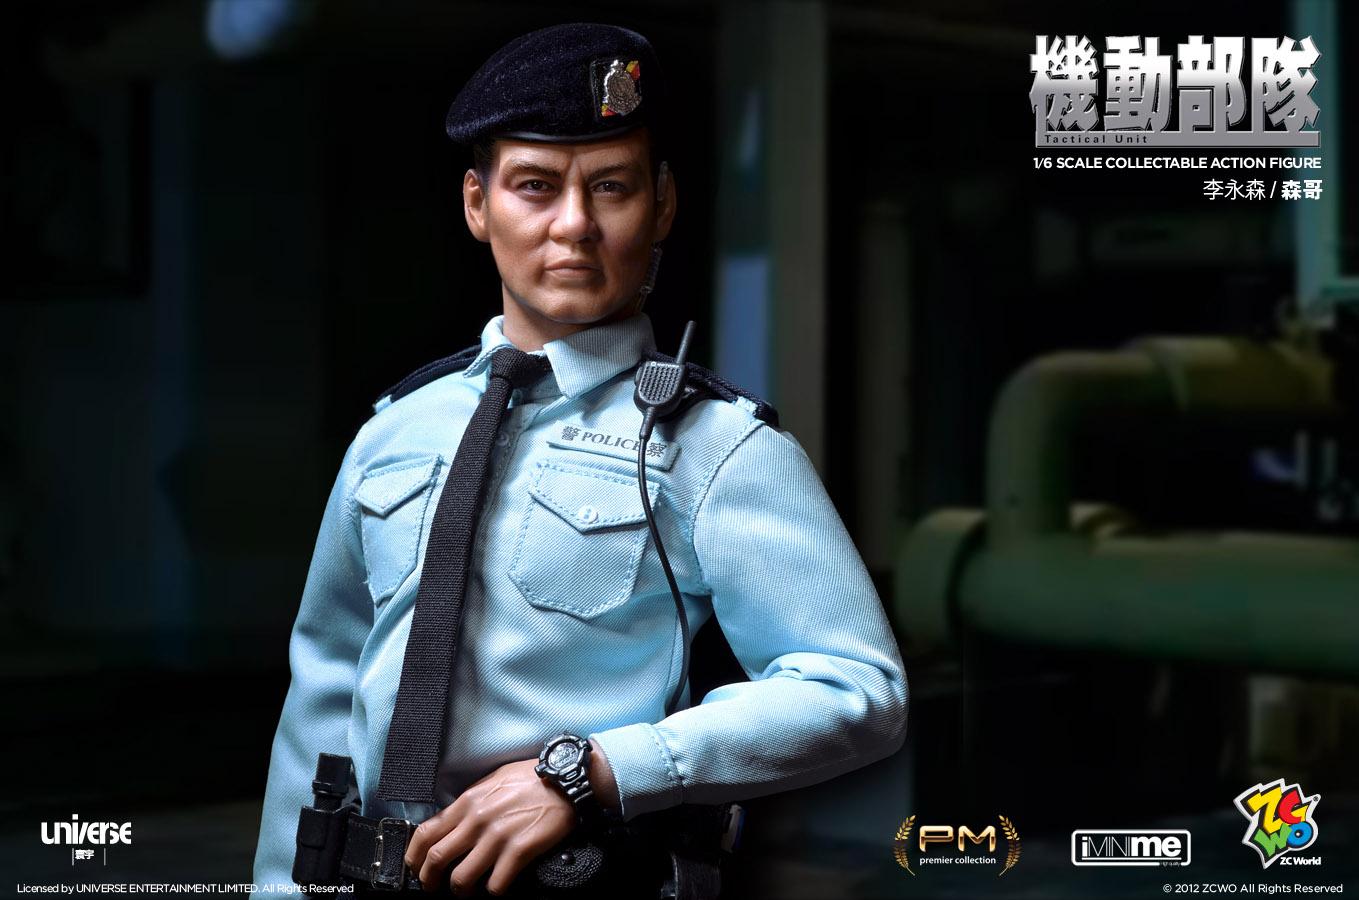 ZCWO - PTU TACTICAL UNIT- Sergeant SAM 131722hfjzlfkzn62g1l6p